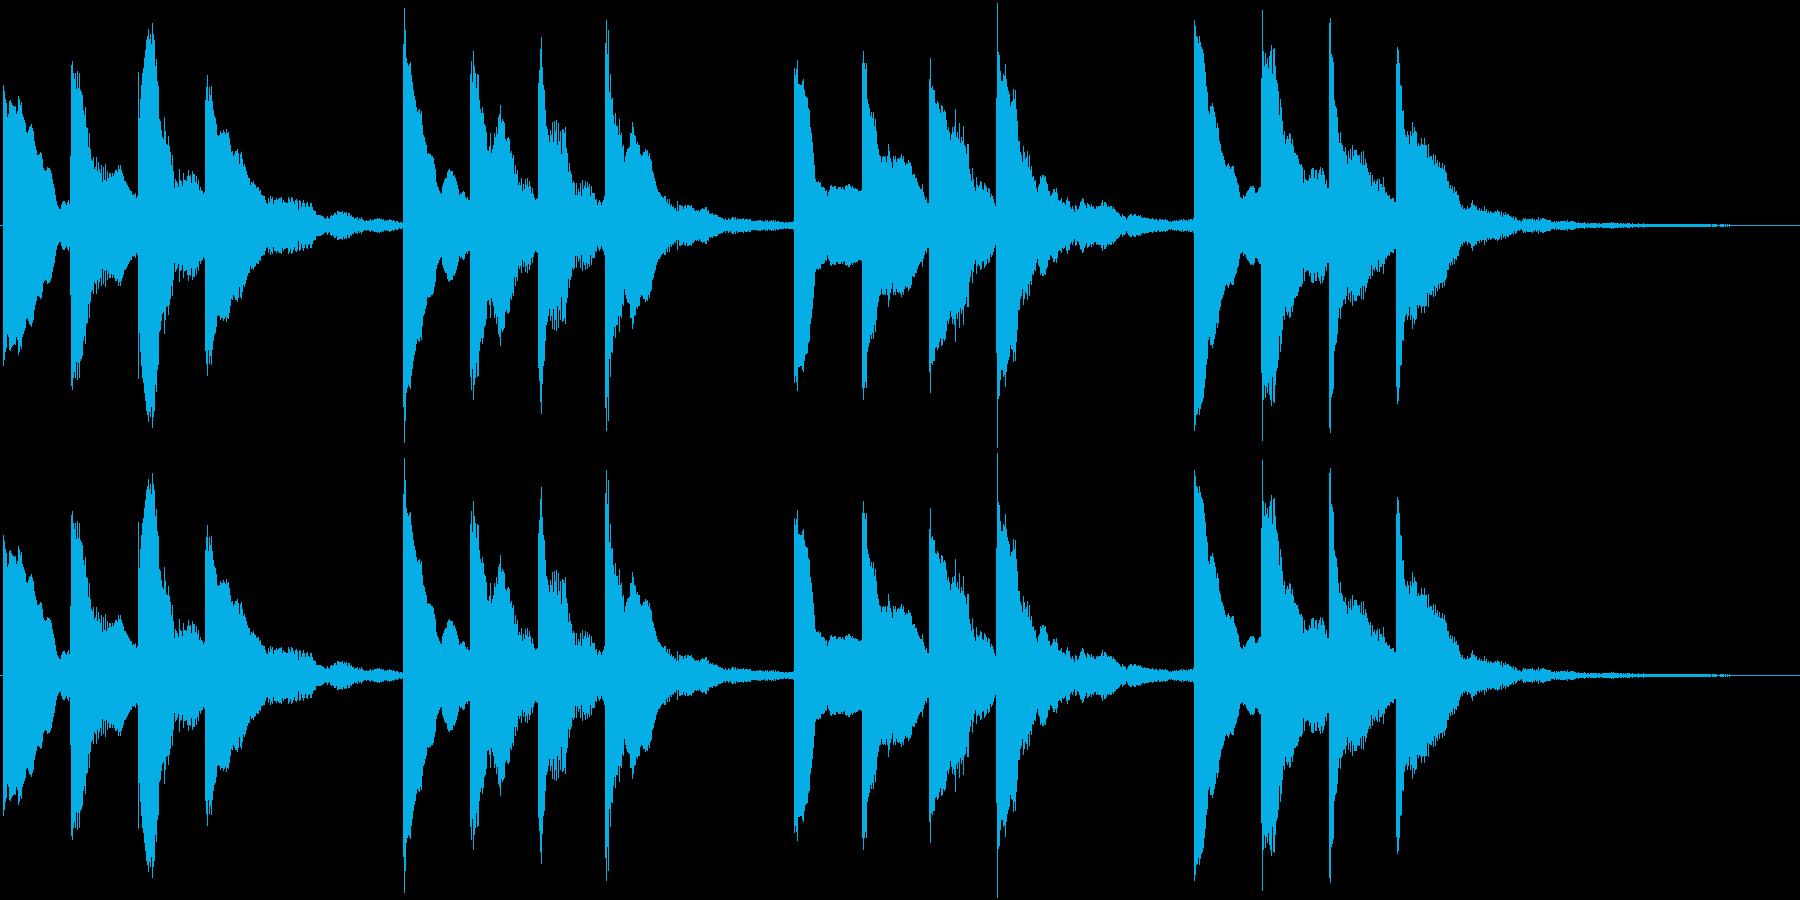 学校のチャイム(オルガンバージョン)の再生済みの波形